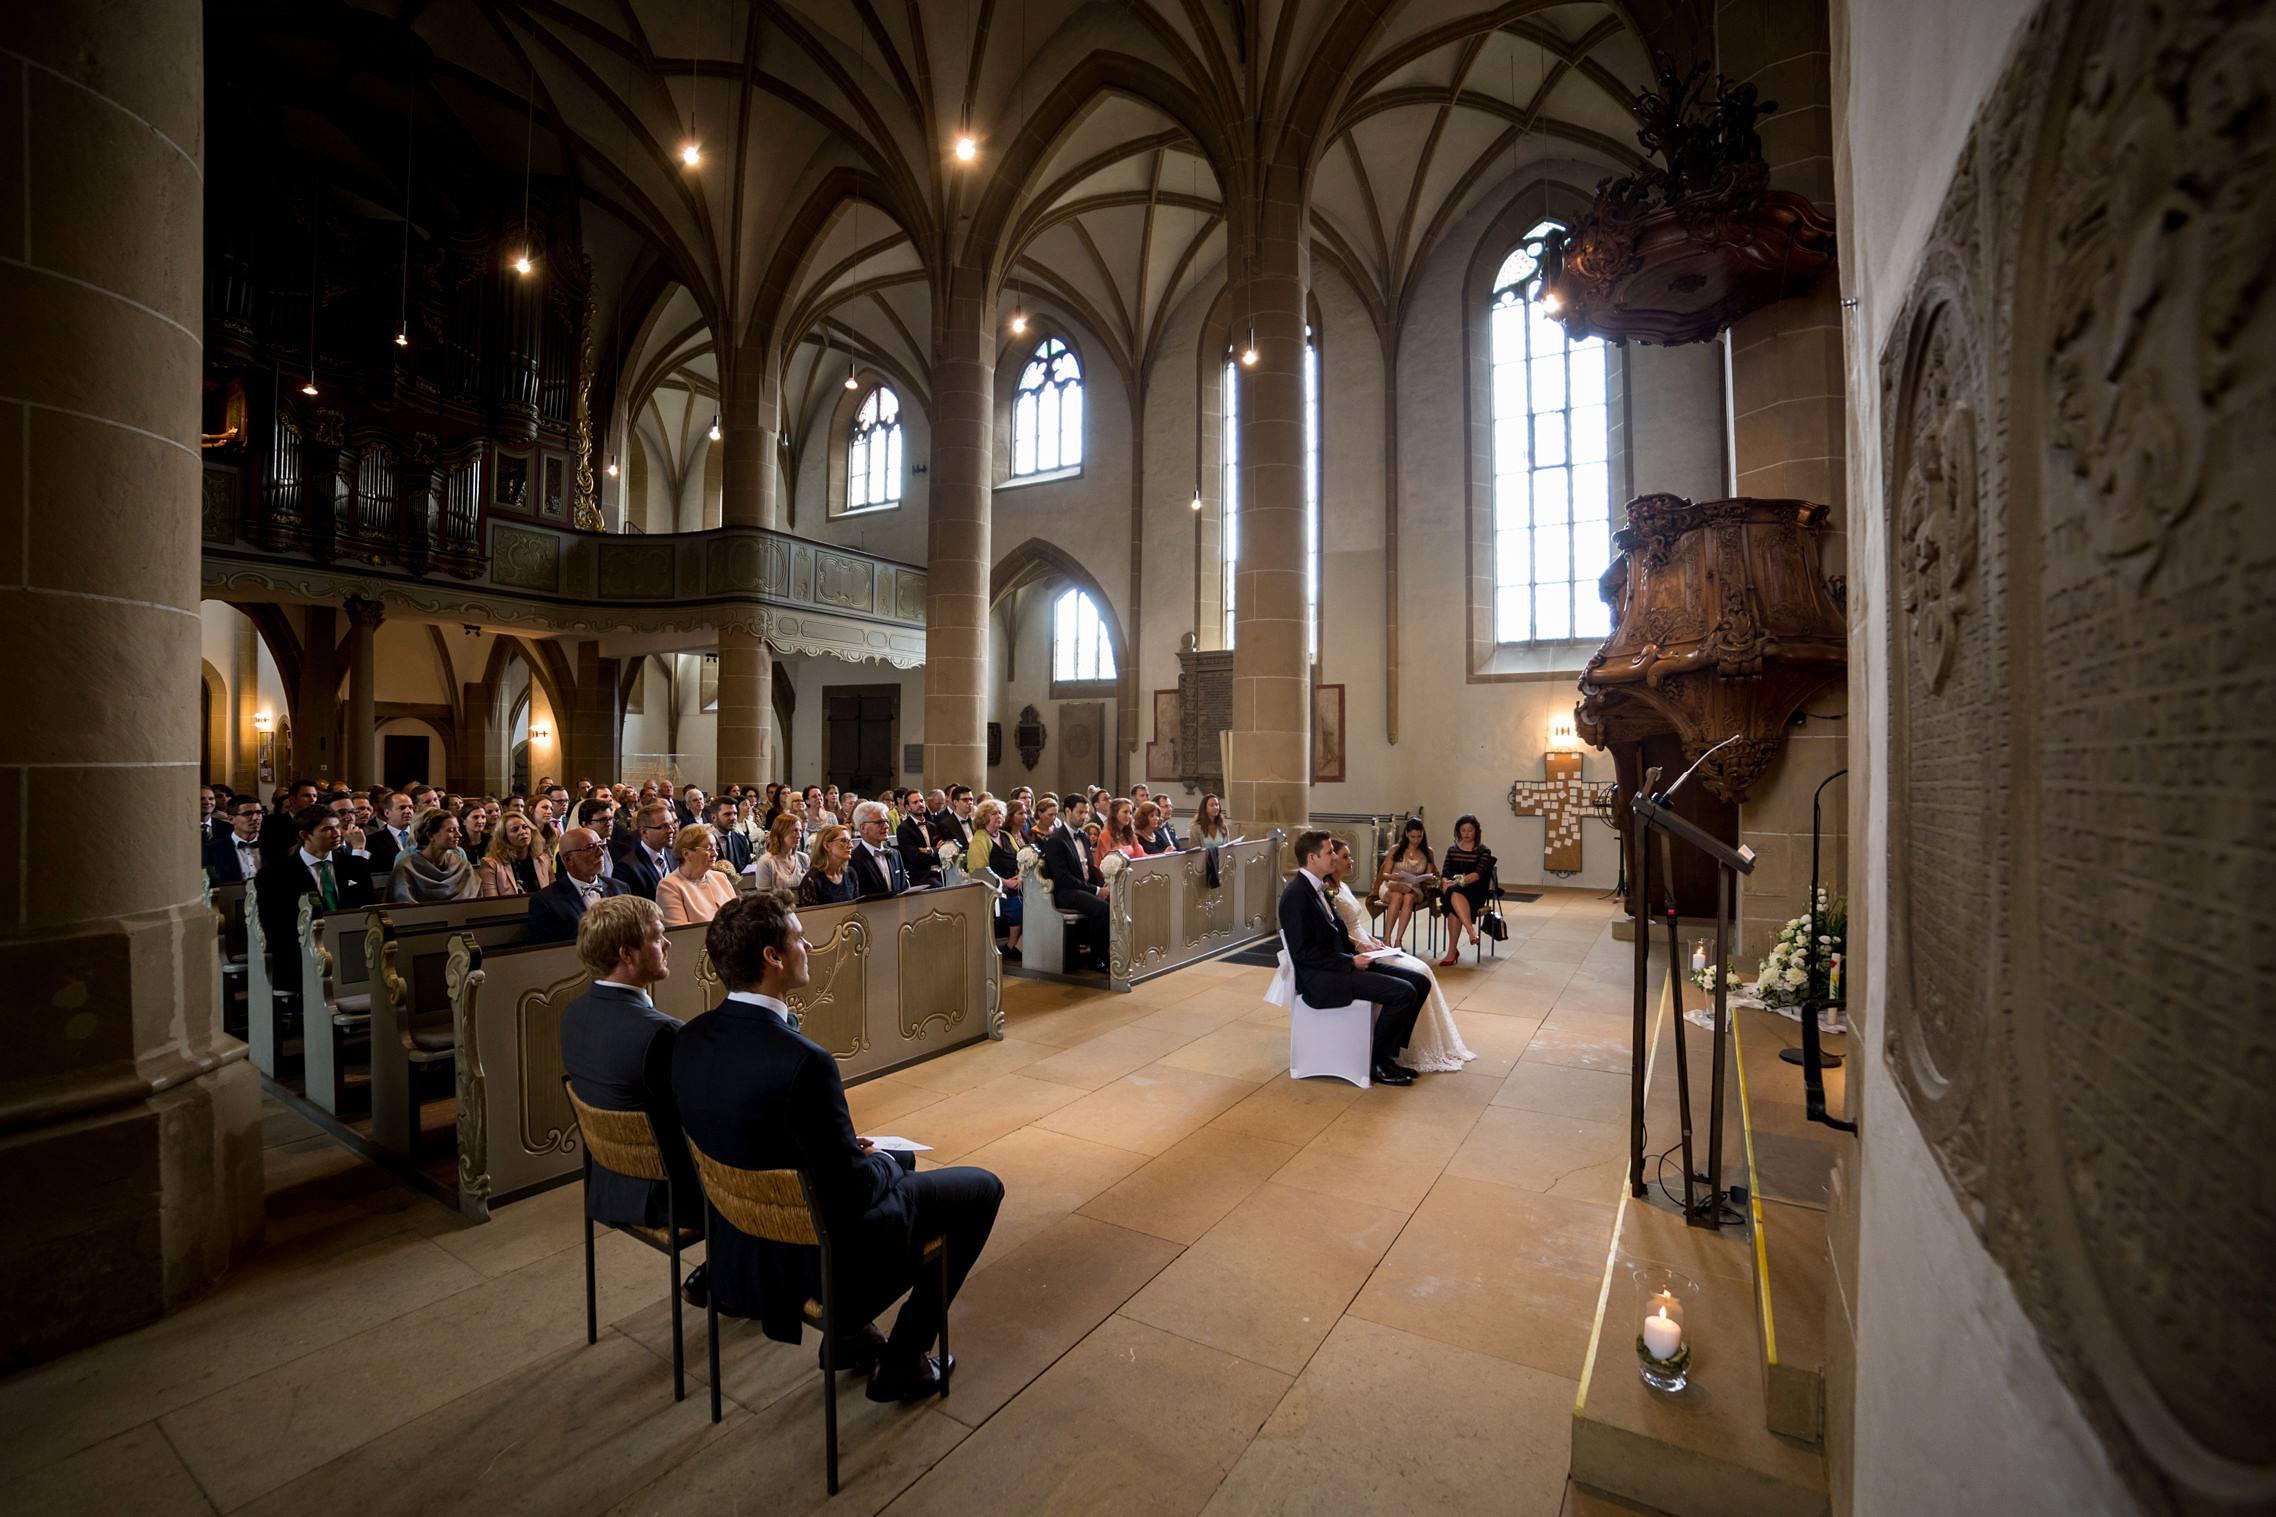 Blick in die gut gefüllte Schlosskirche in Meisenheim während eines Traugottesdienstes.